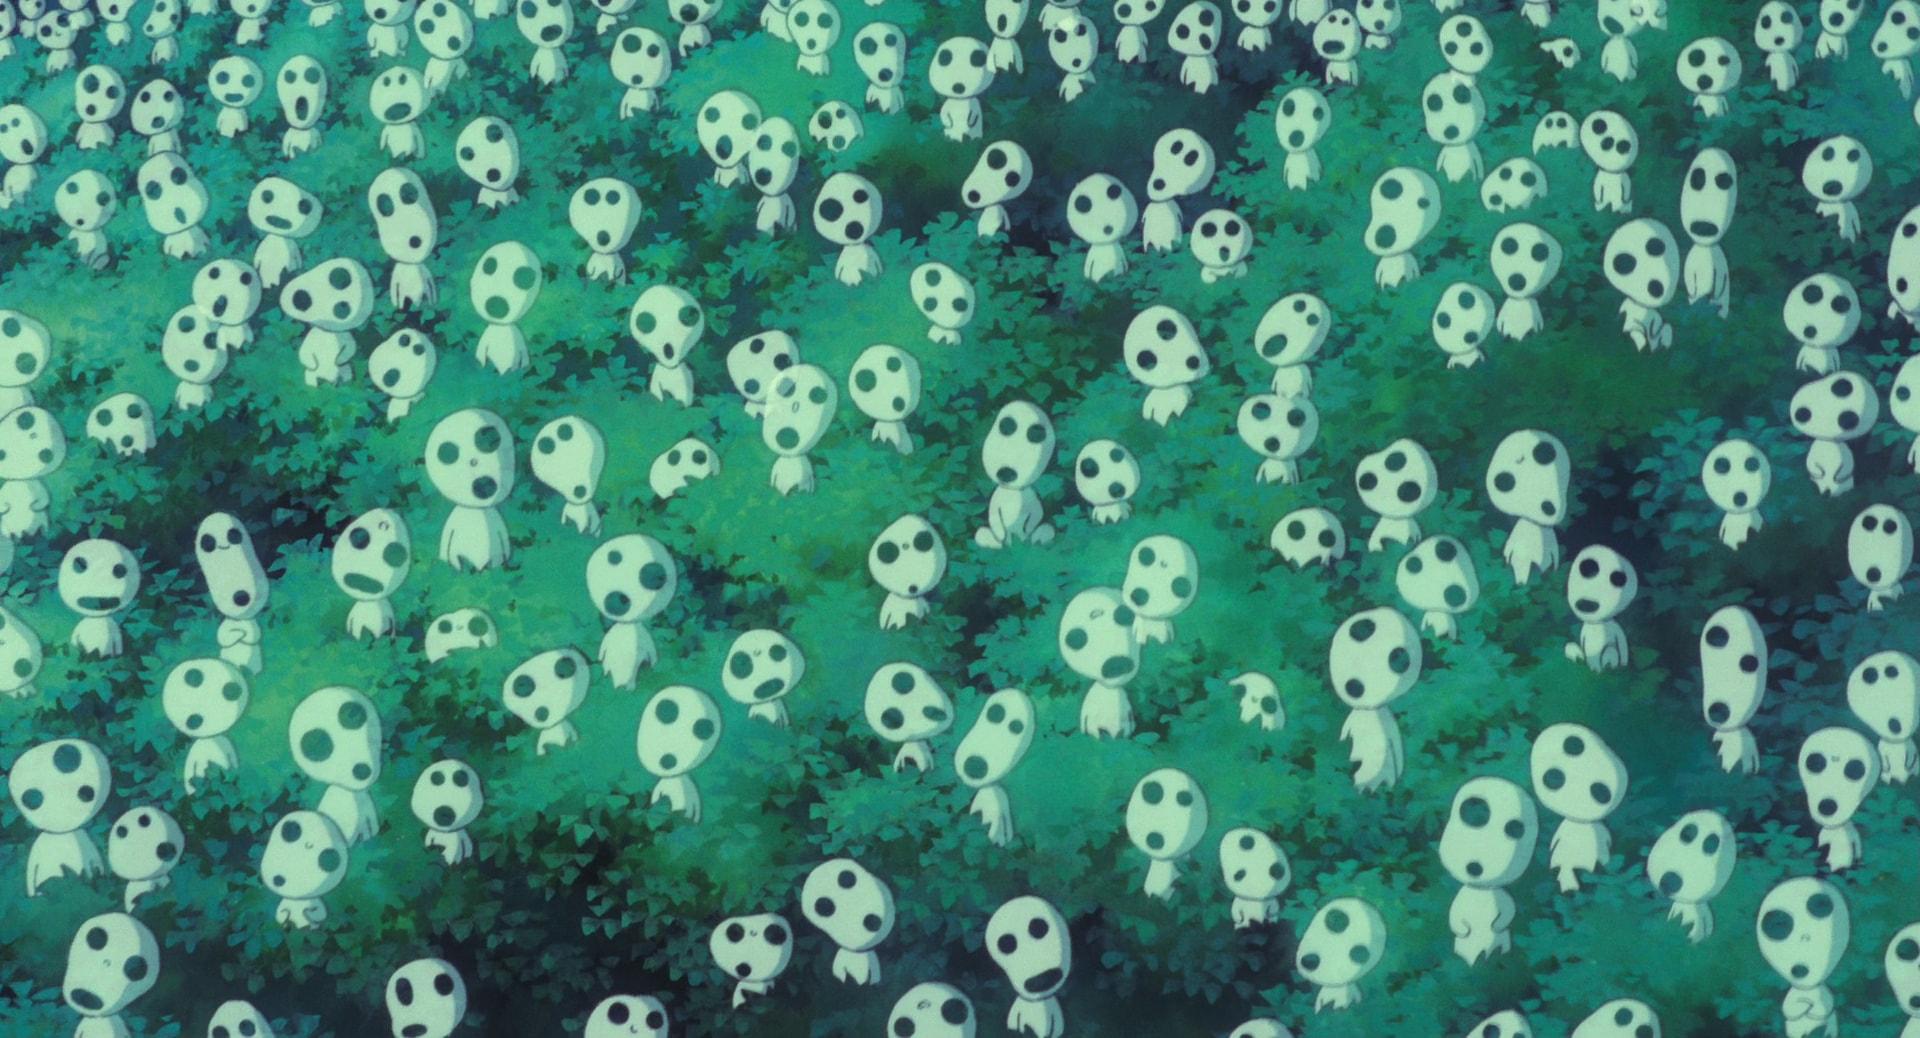 Дух лесов Кодама из аниме Принцесса Мононоке